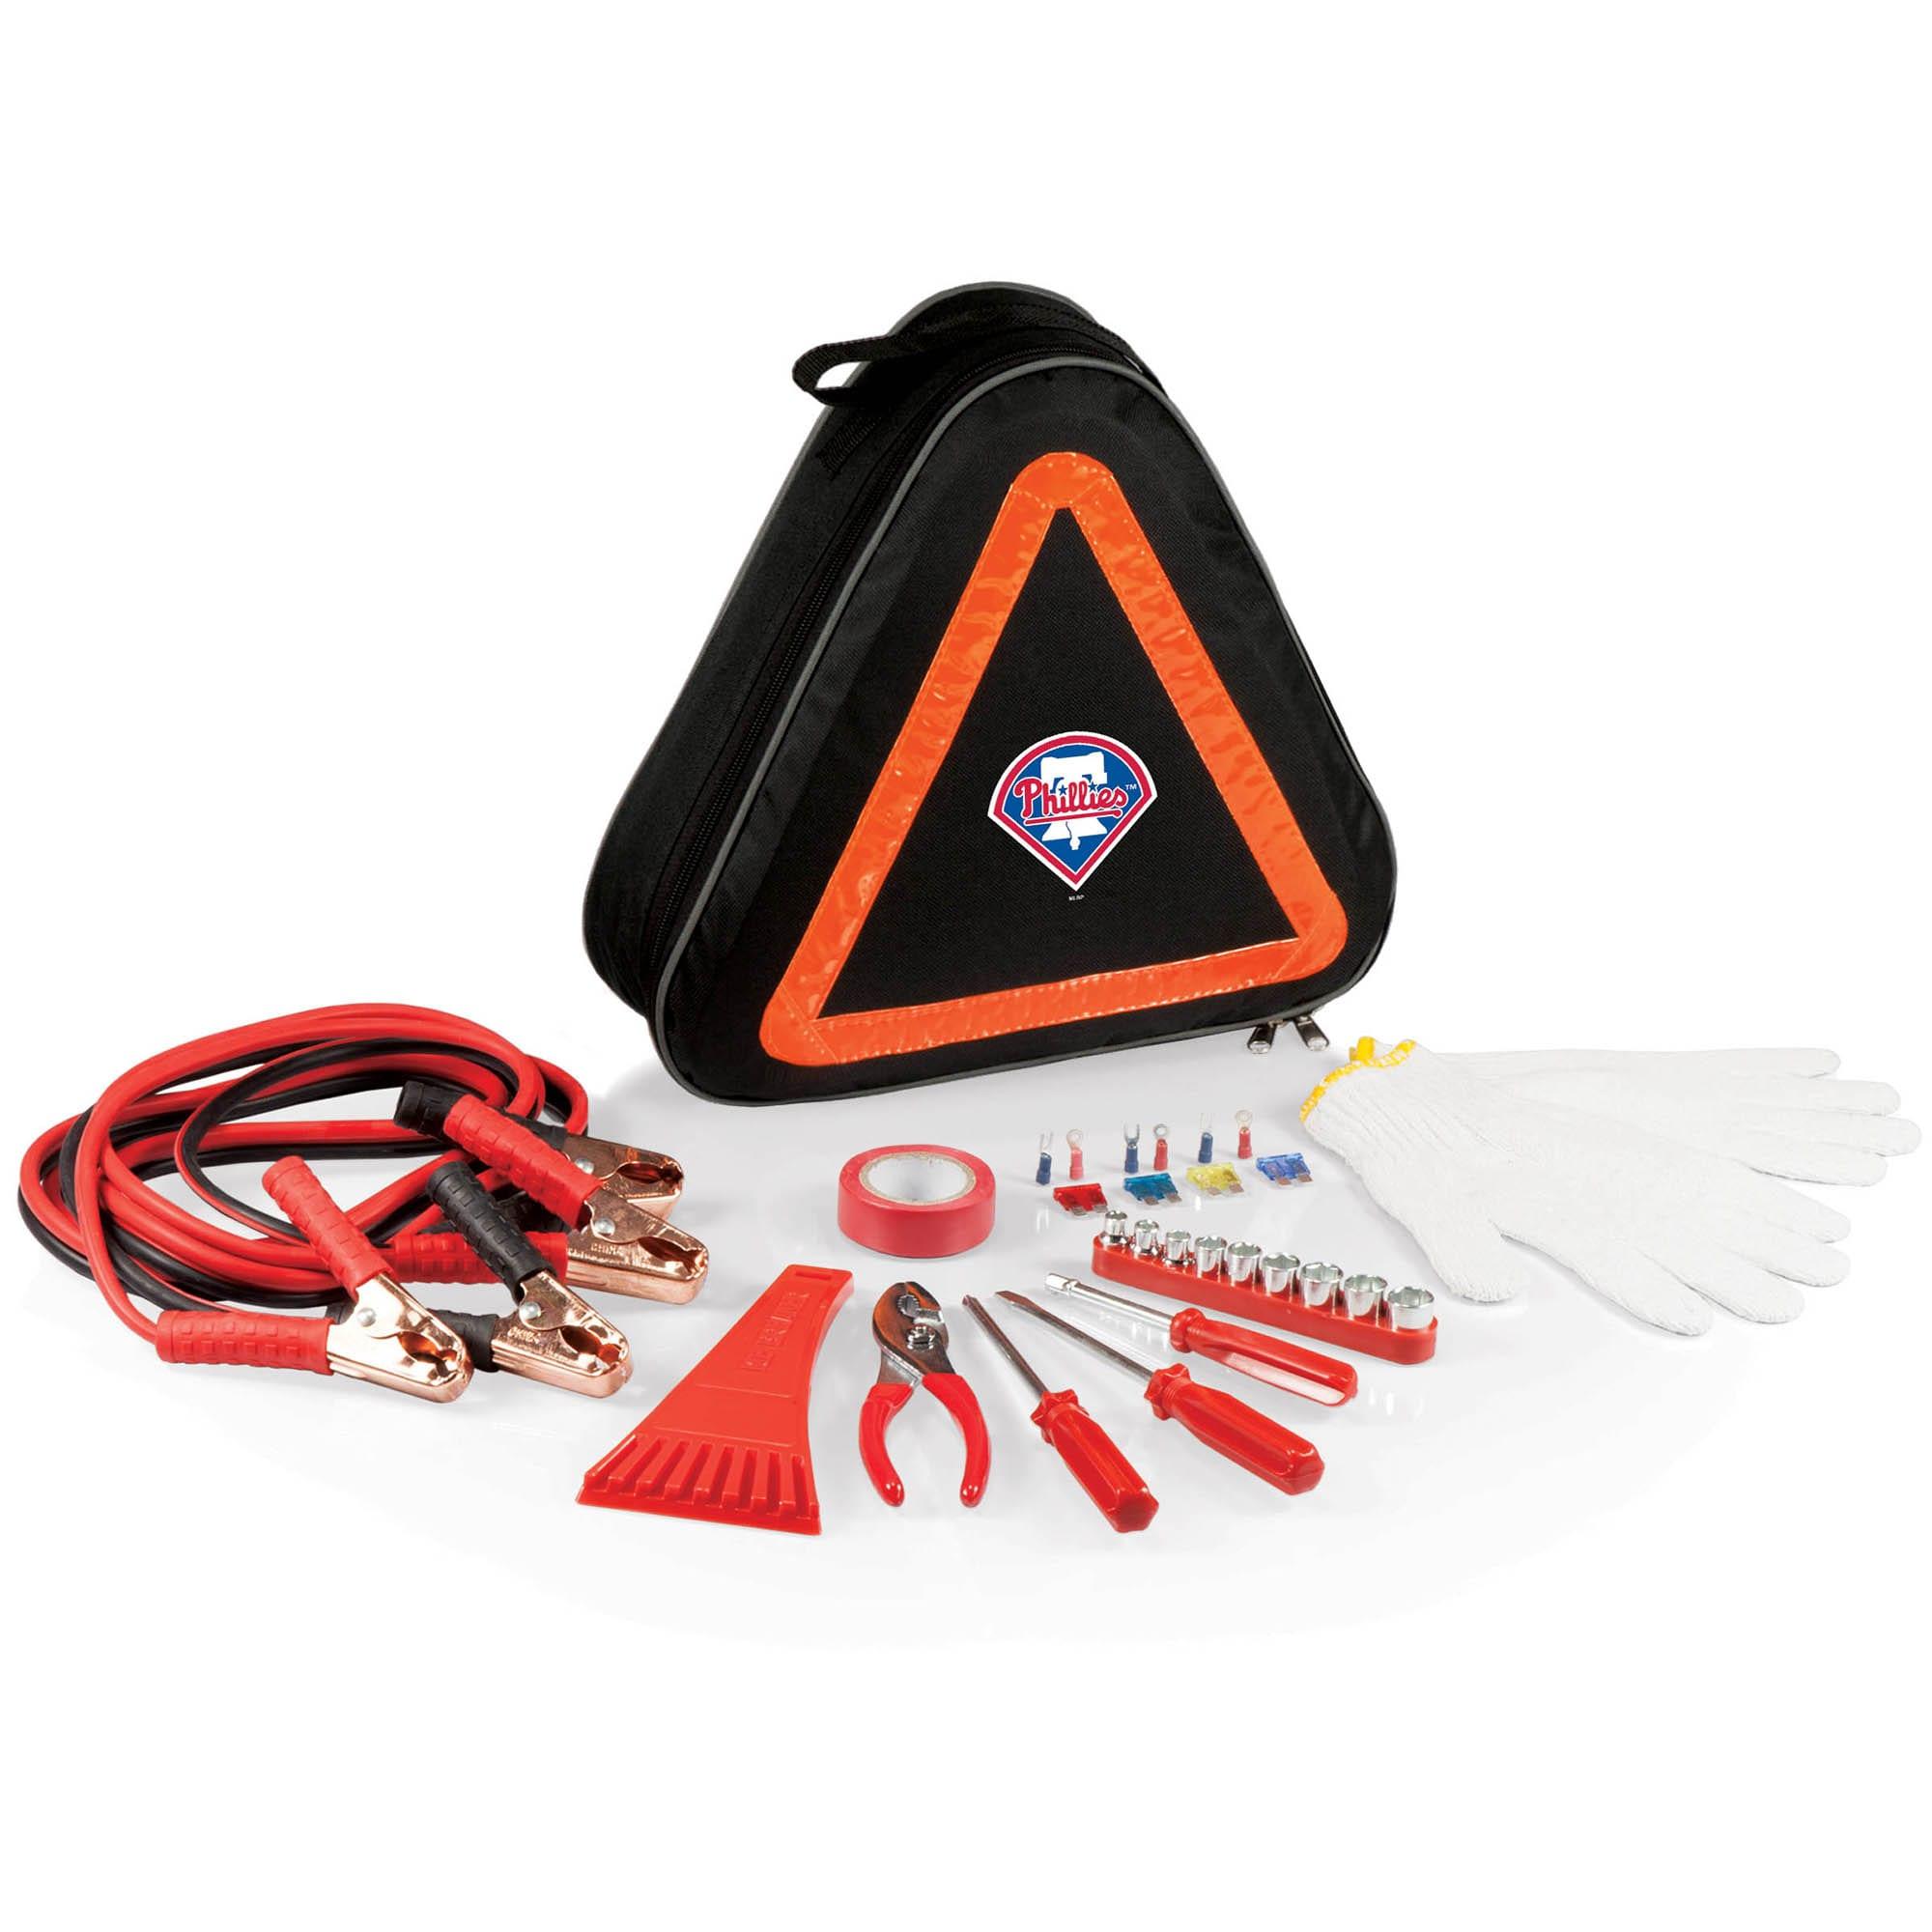 Philadelphia Phillies Roadside Emergency Kit